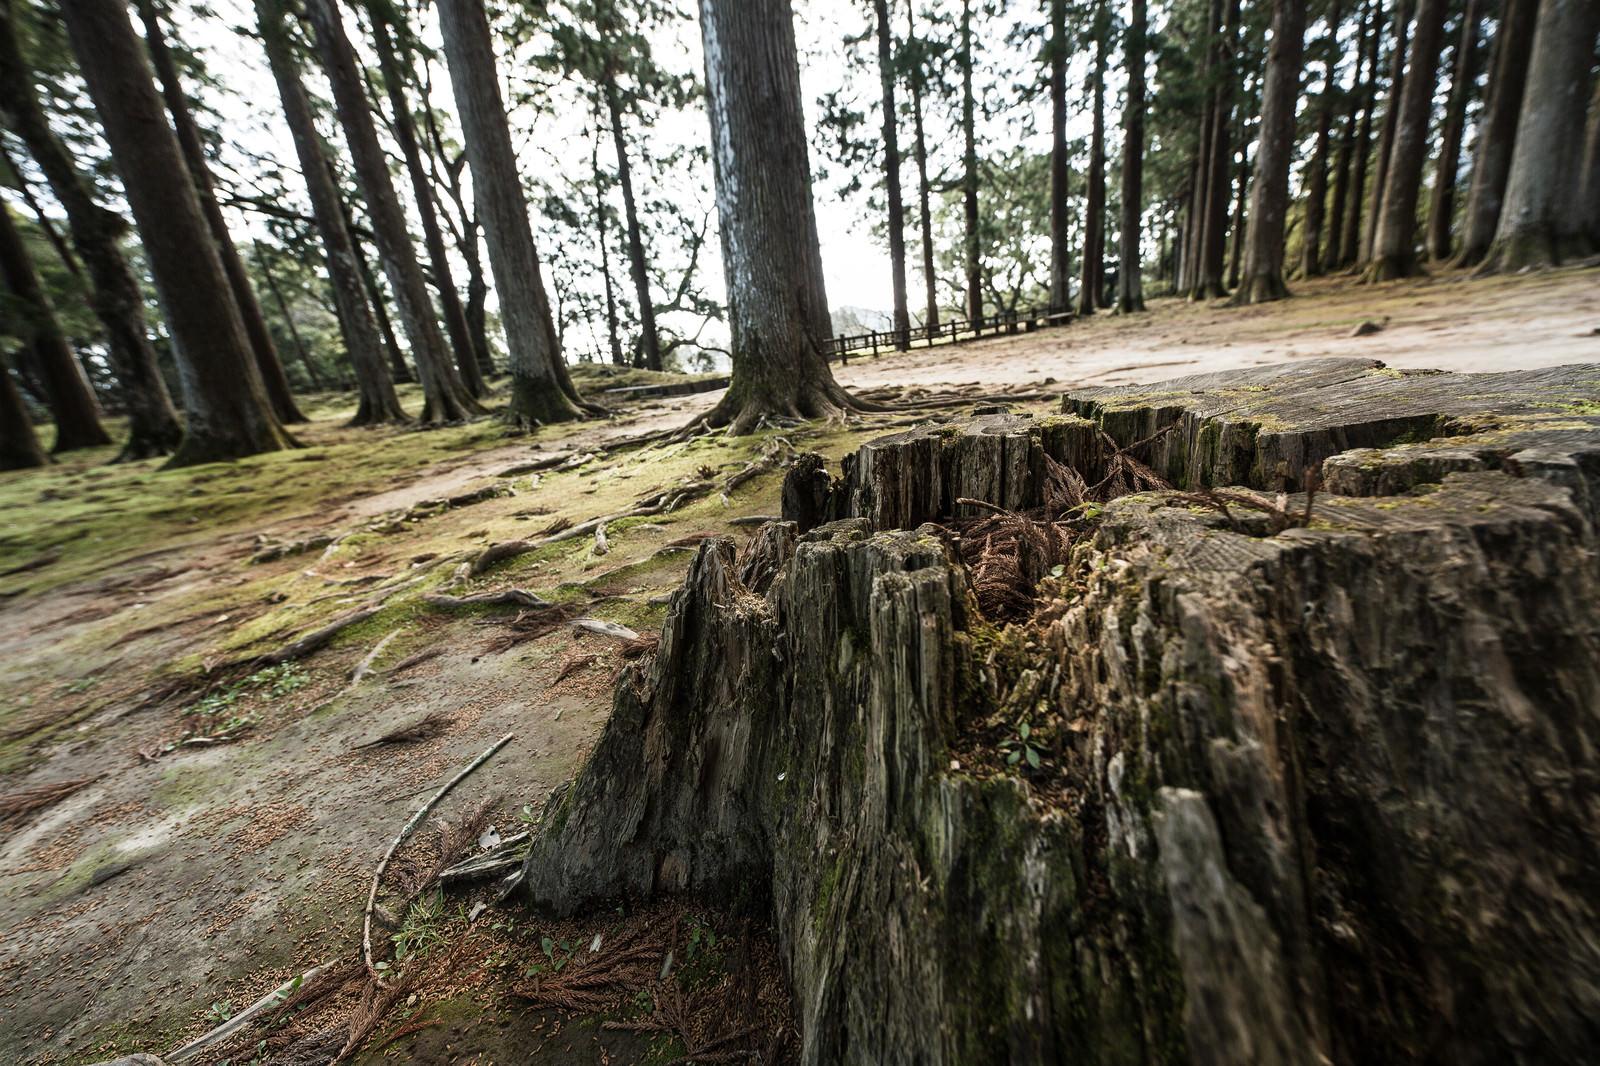 「歴史感じる飫肥杉の切り株歴史感じる飫肥杉の切り株」のフリー写真素材を拡大